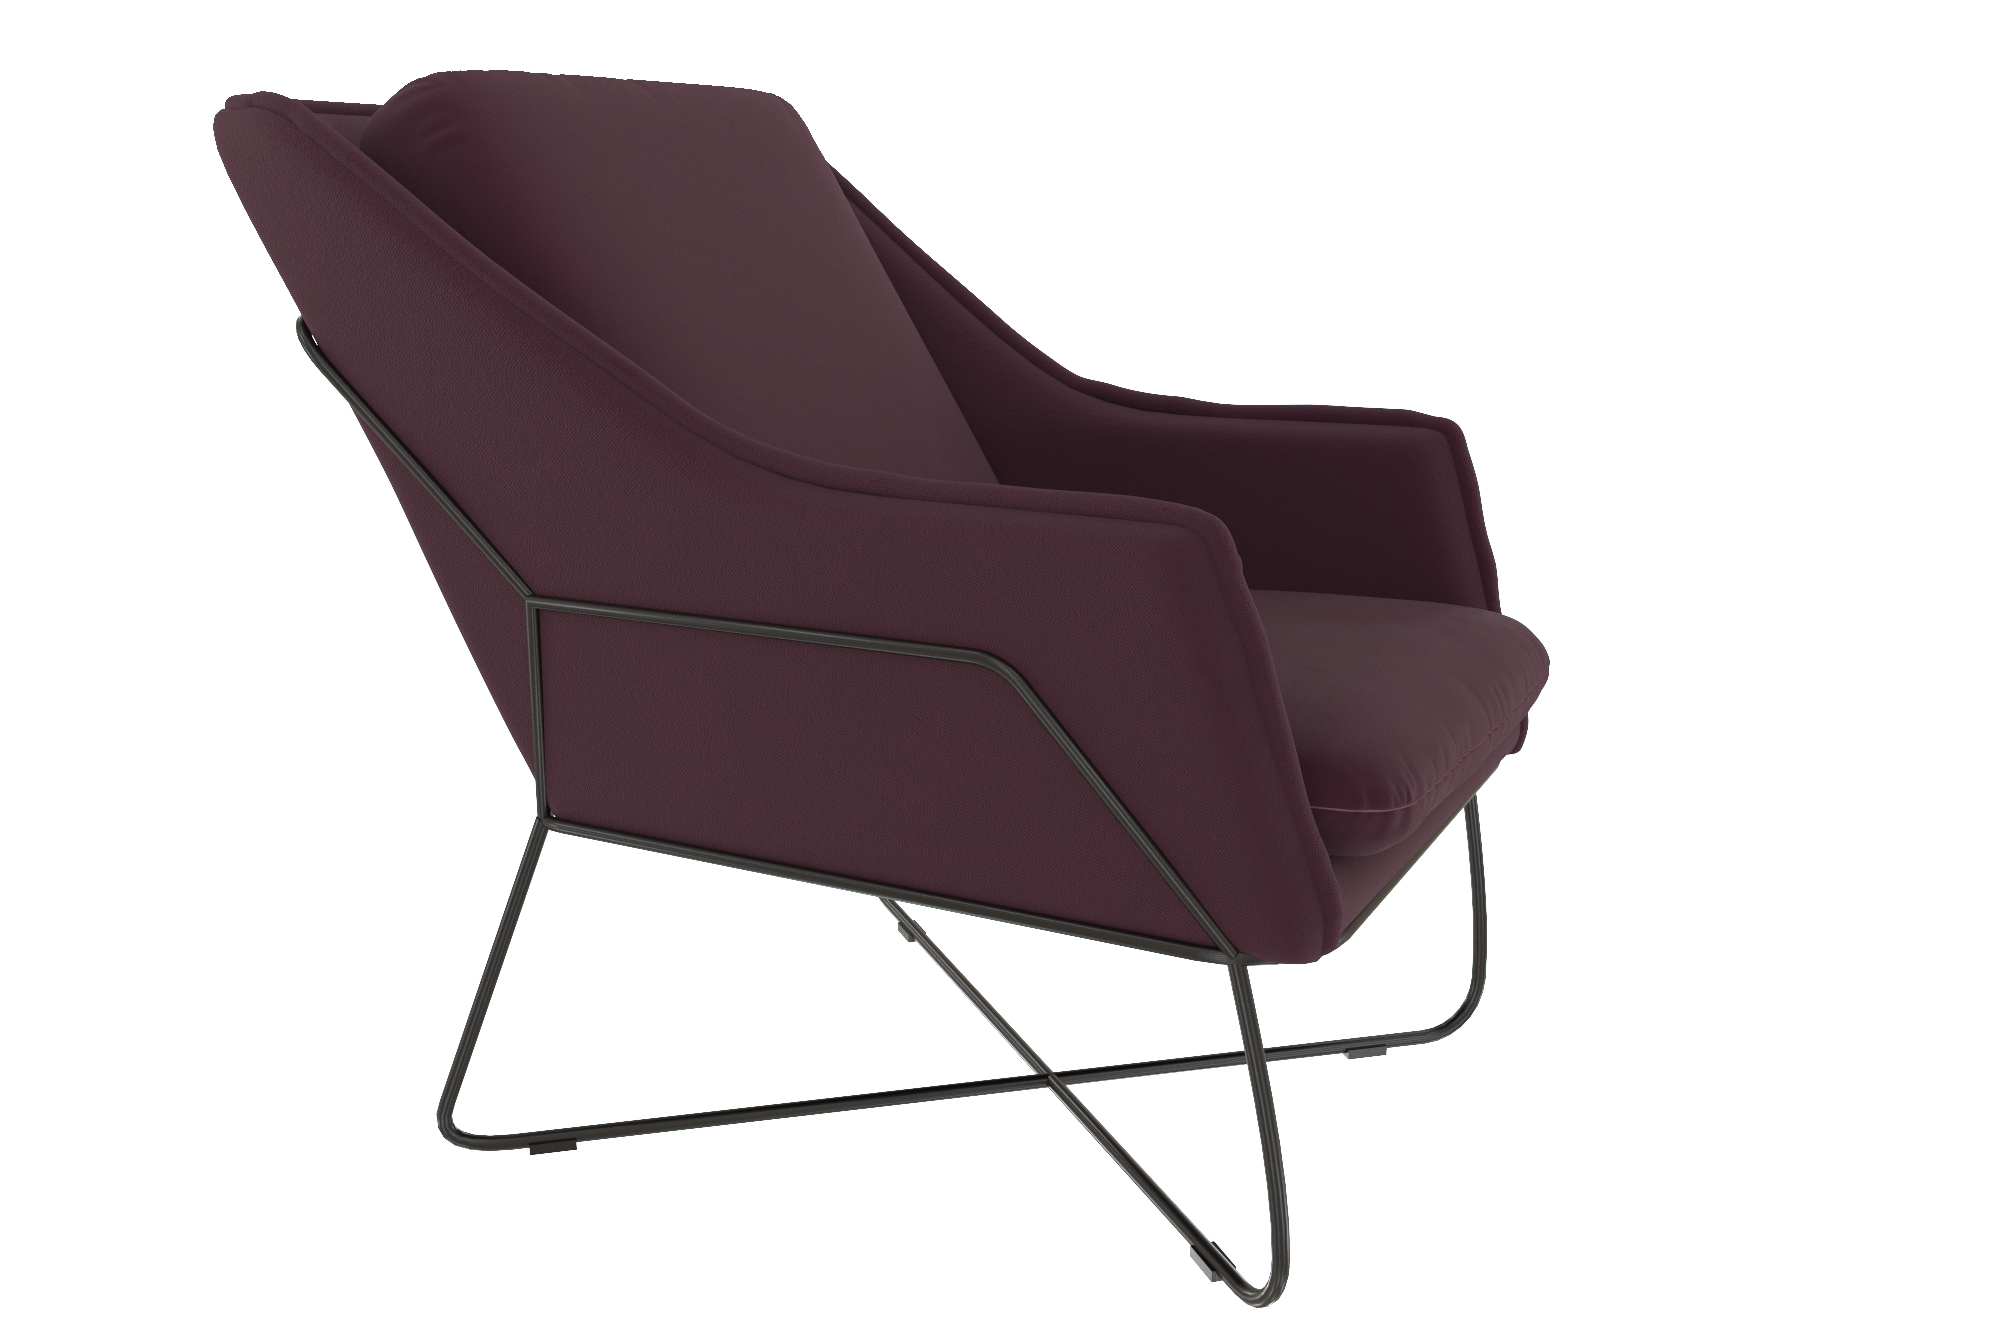 Кресло Comfort, Д4 Ангстрем фото